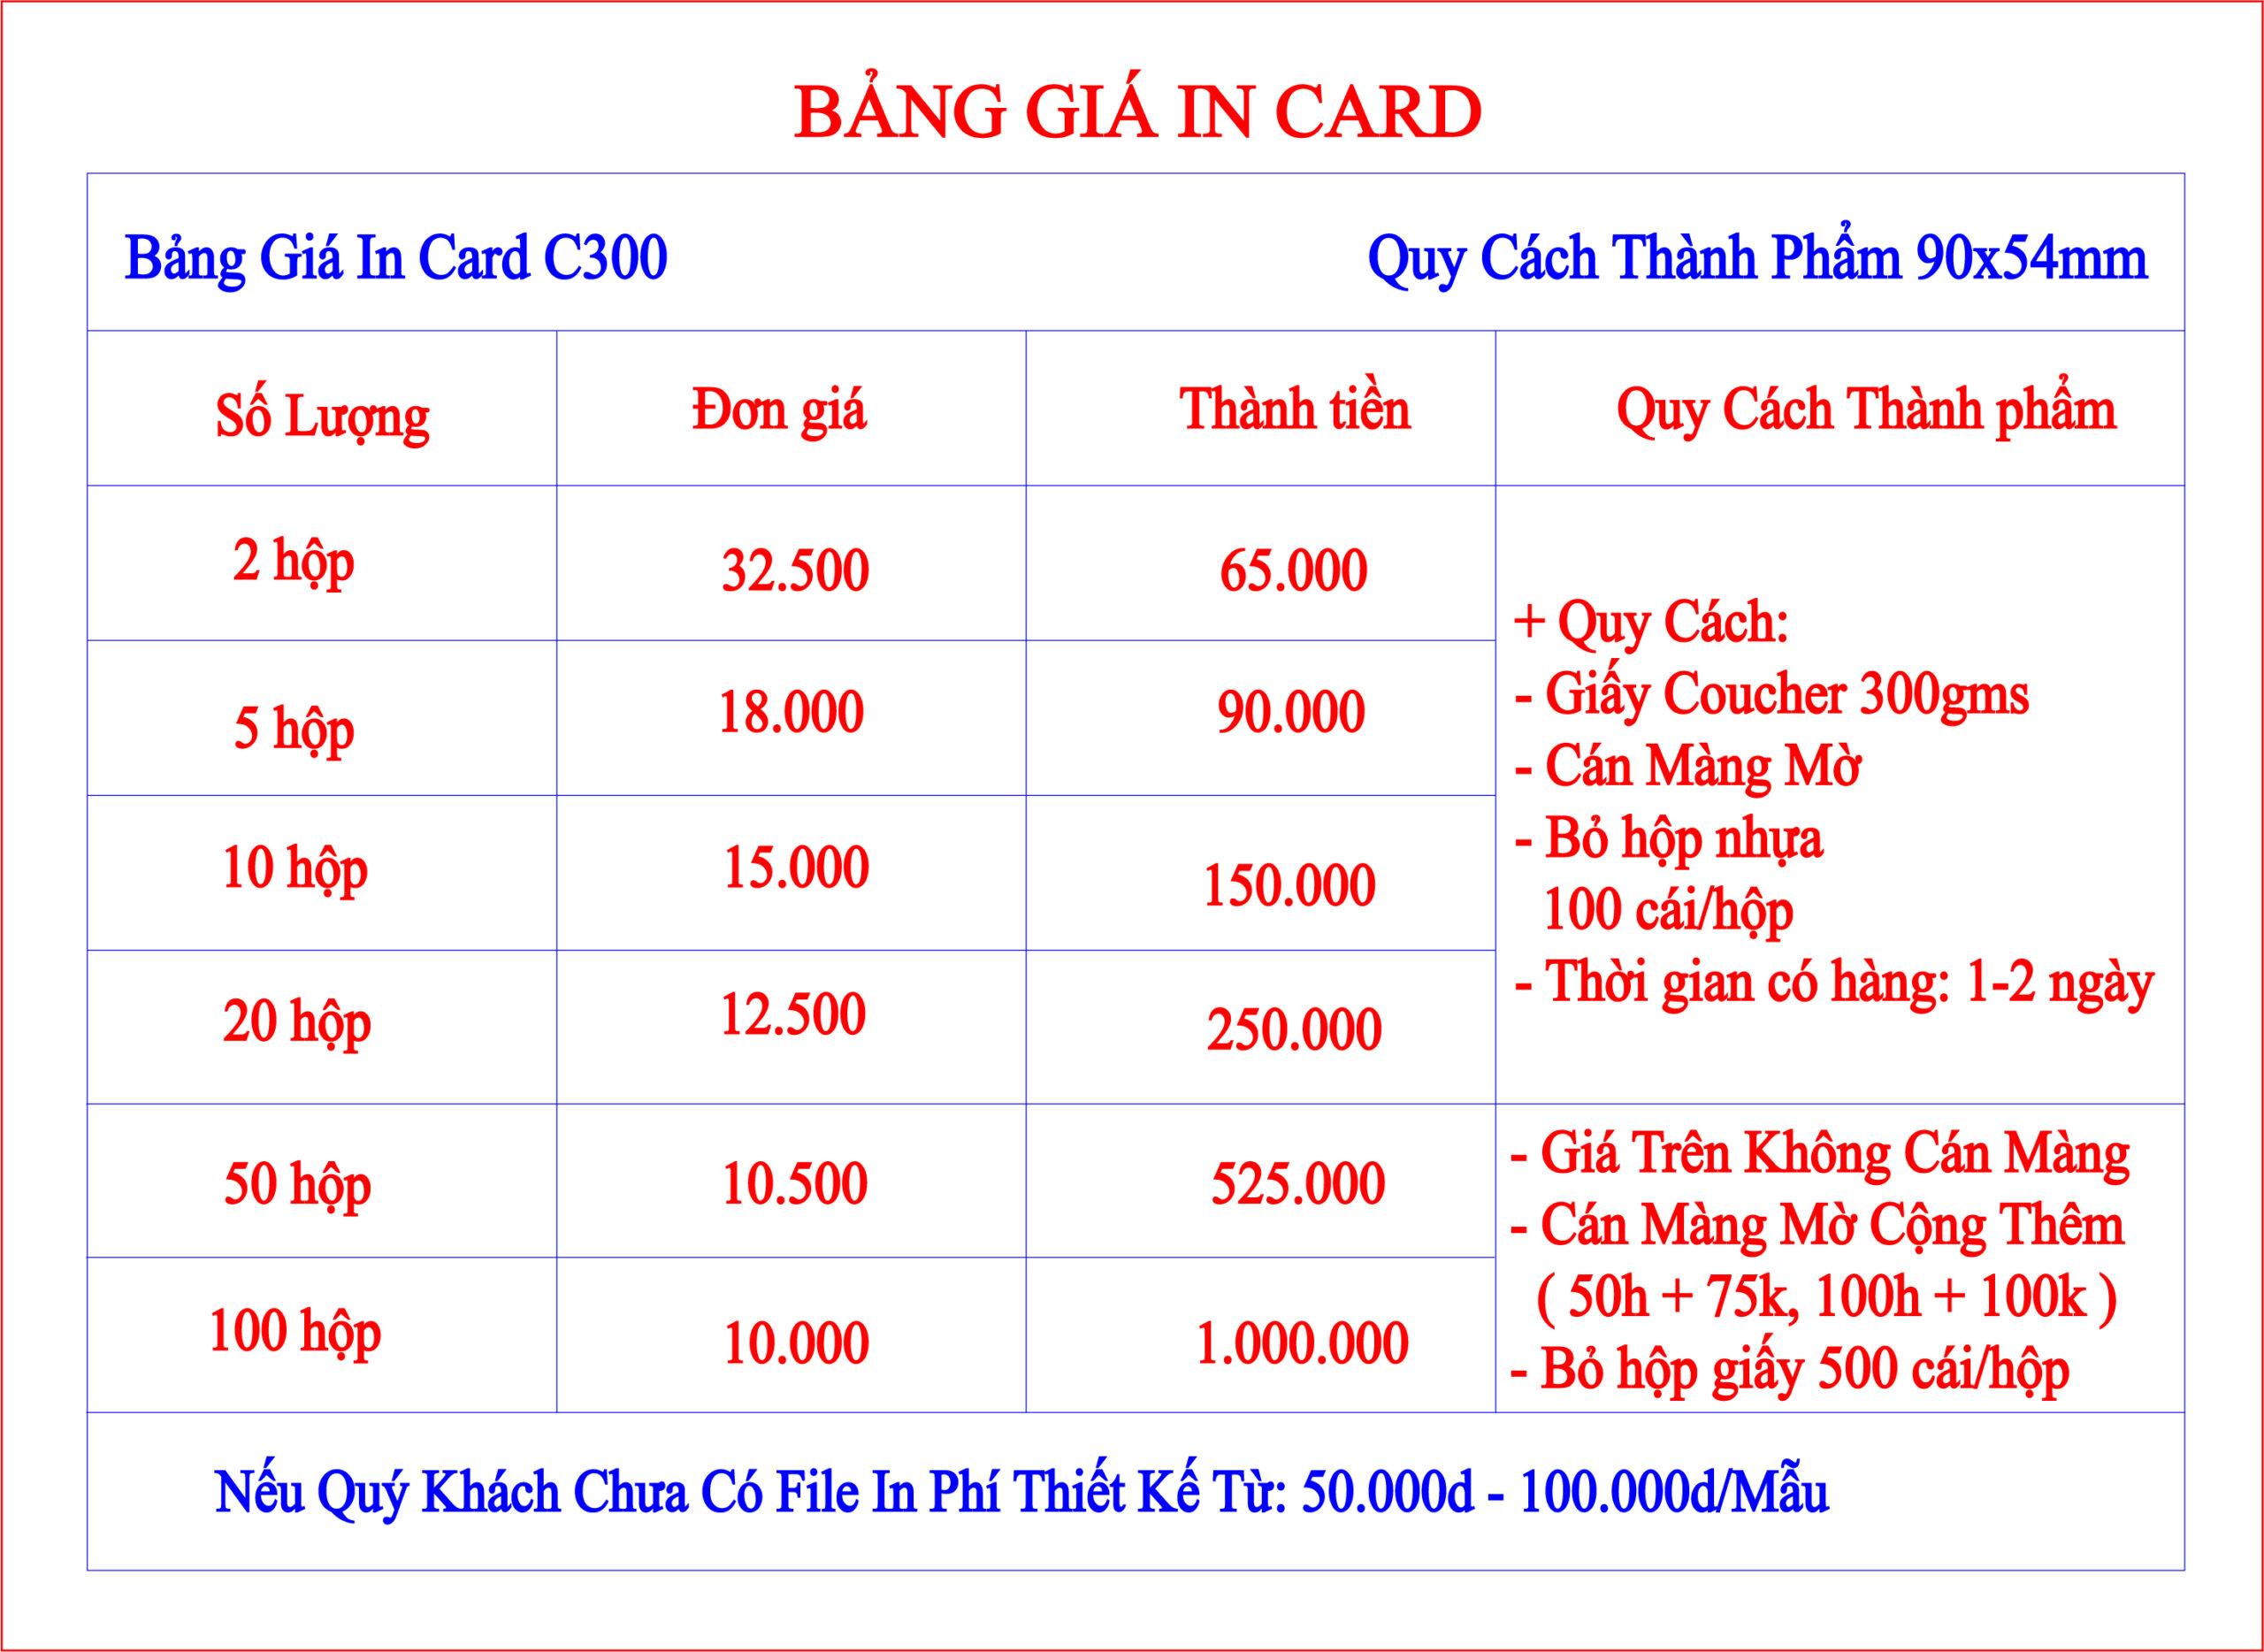 bảng giá card